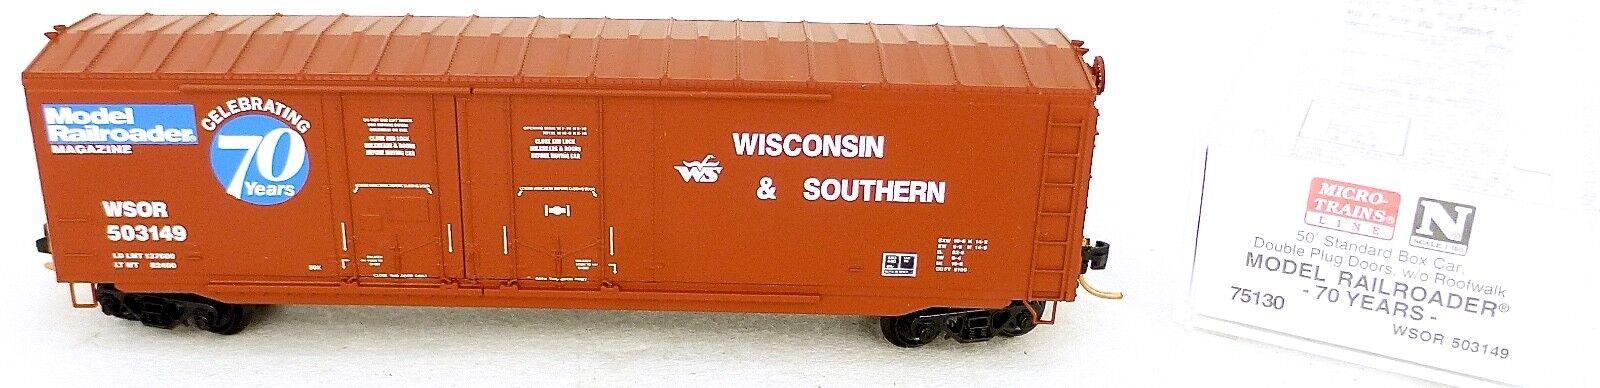 Micro Trains Line 75130 70 Anni Modello Railroader 50 ´ Box Car 1:160 Conf.